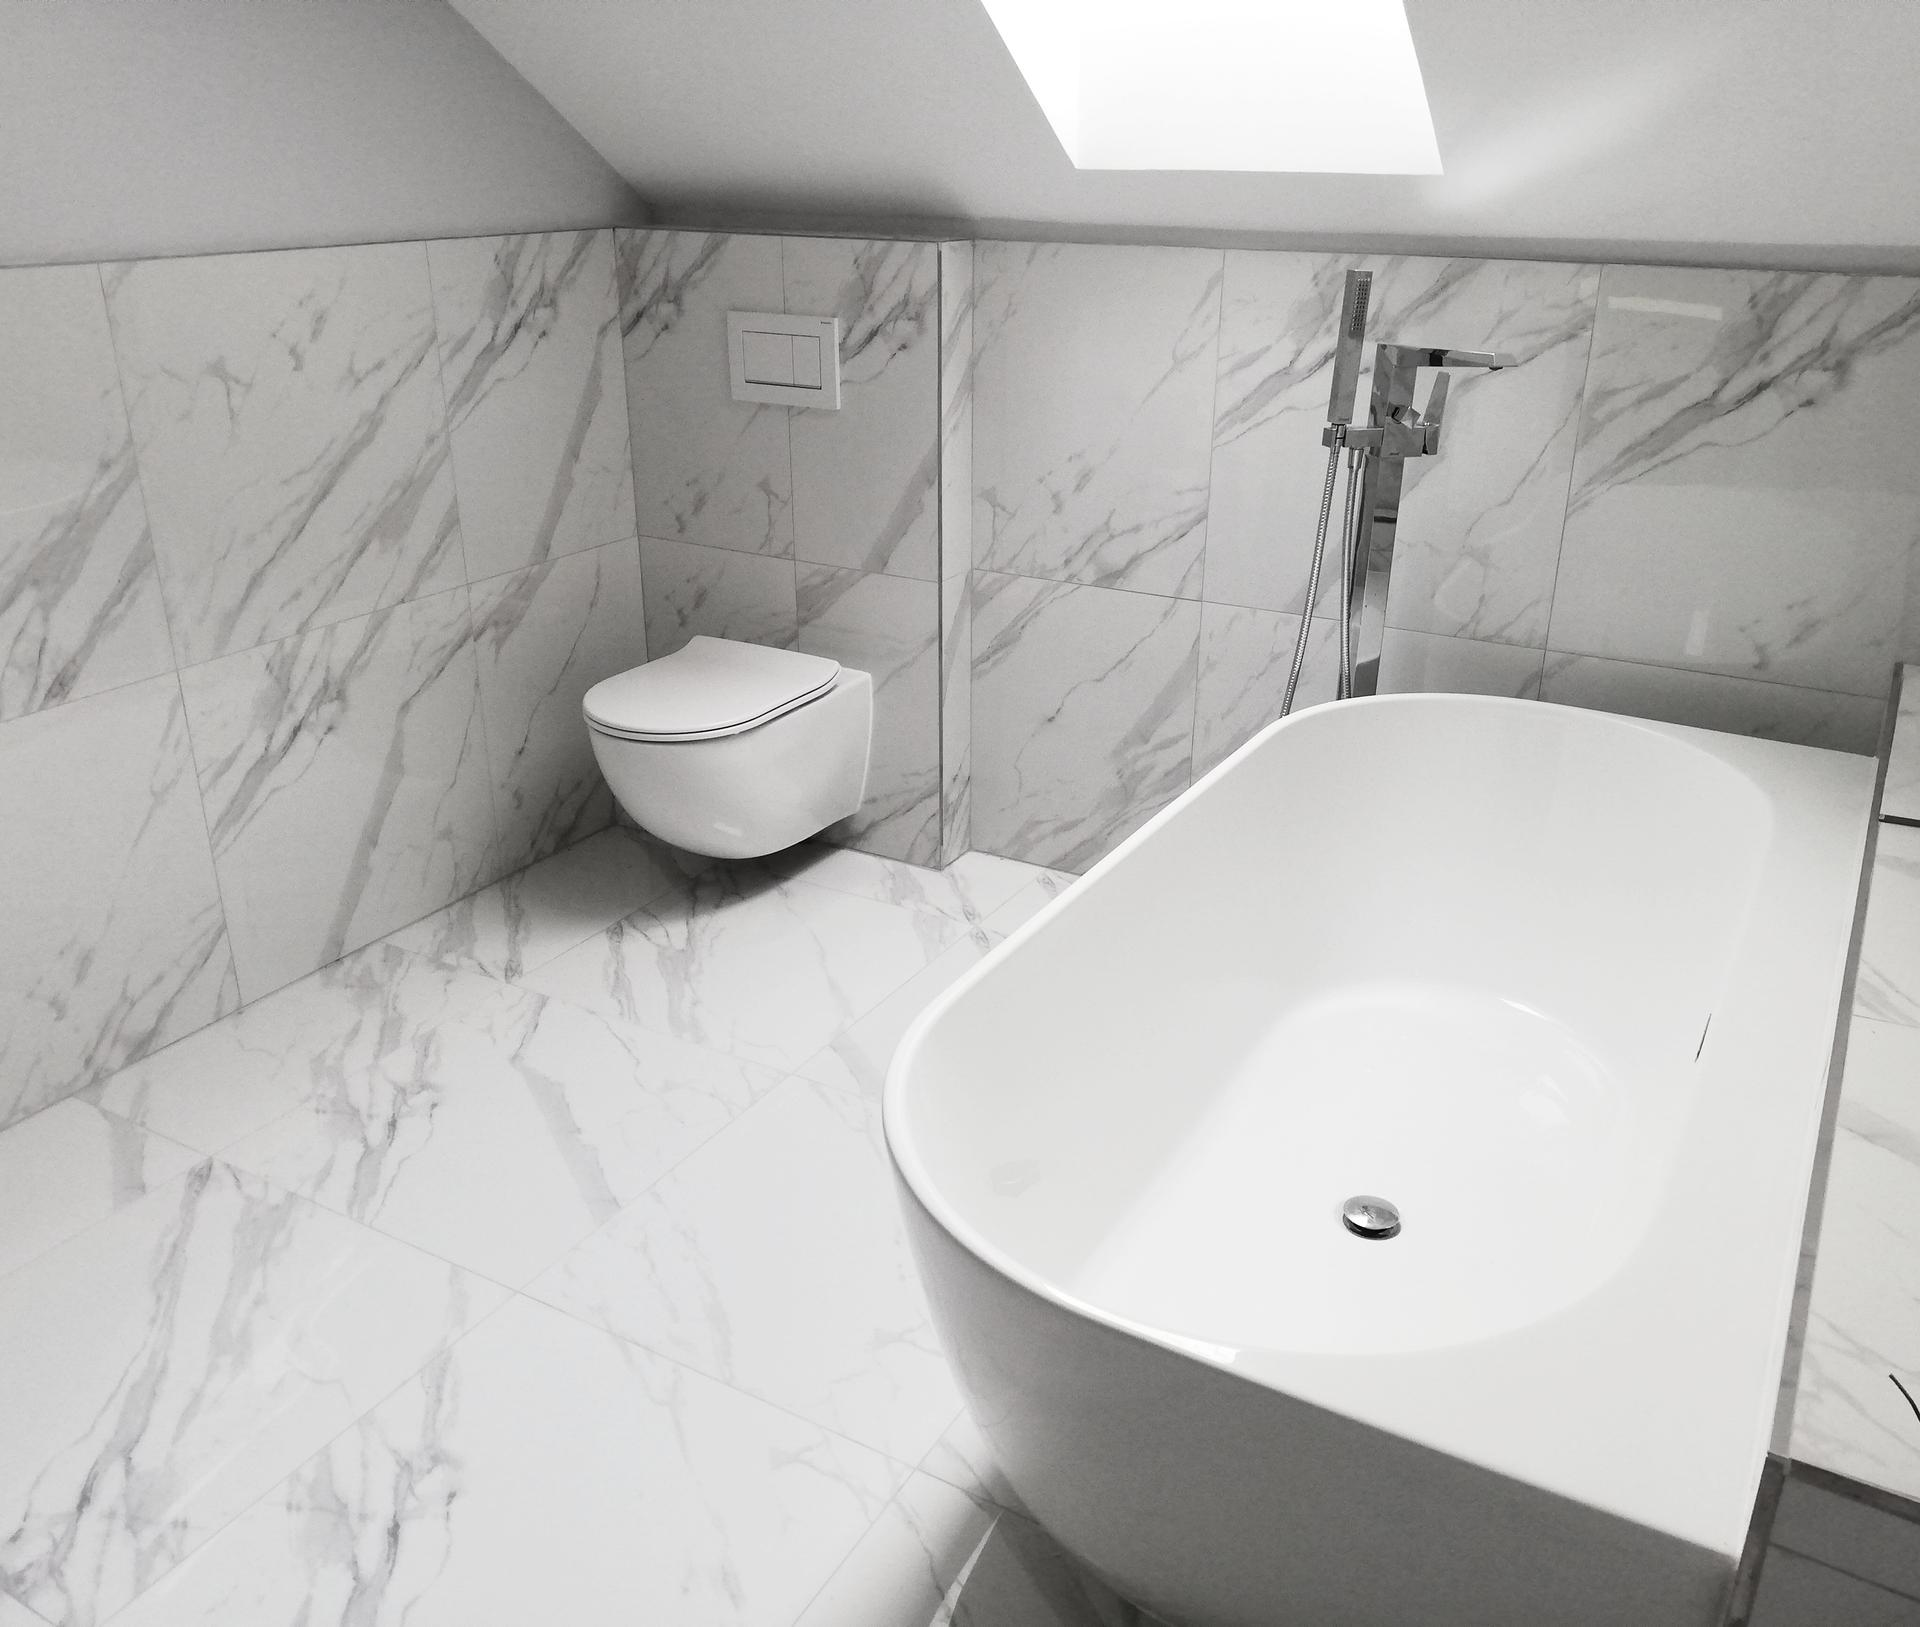 Koupelna těsně před dokončenim - Obrázek č. 2